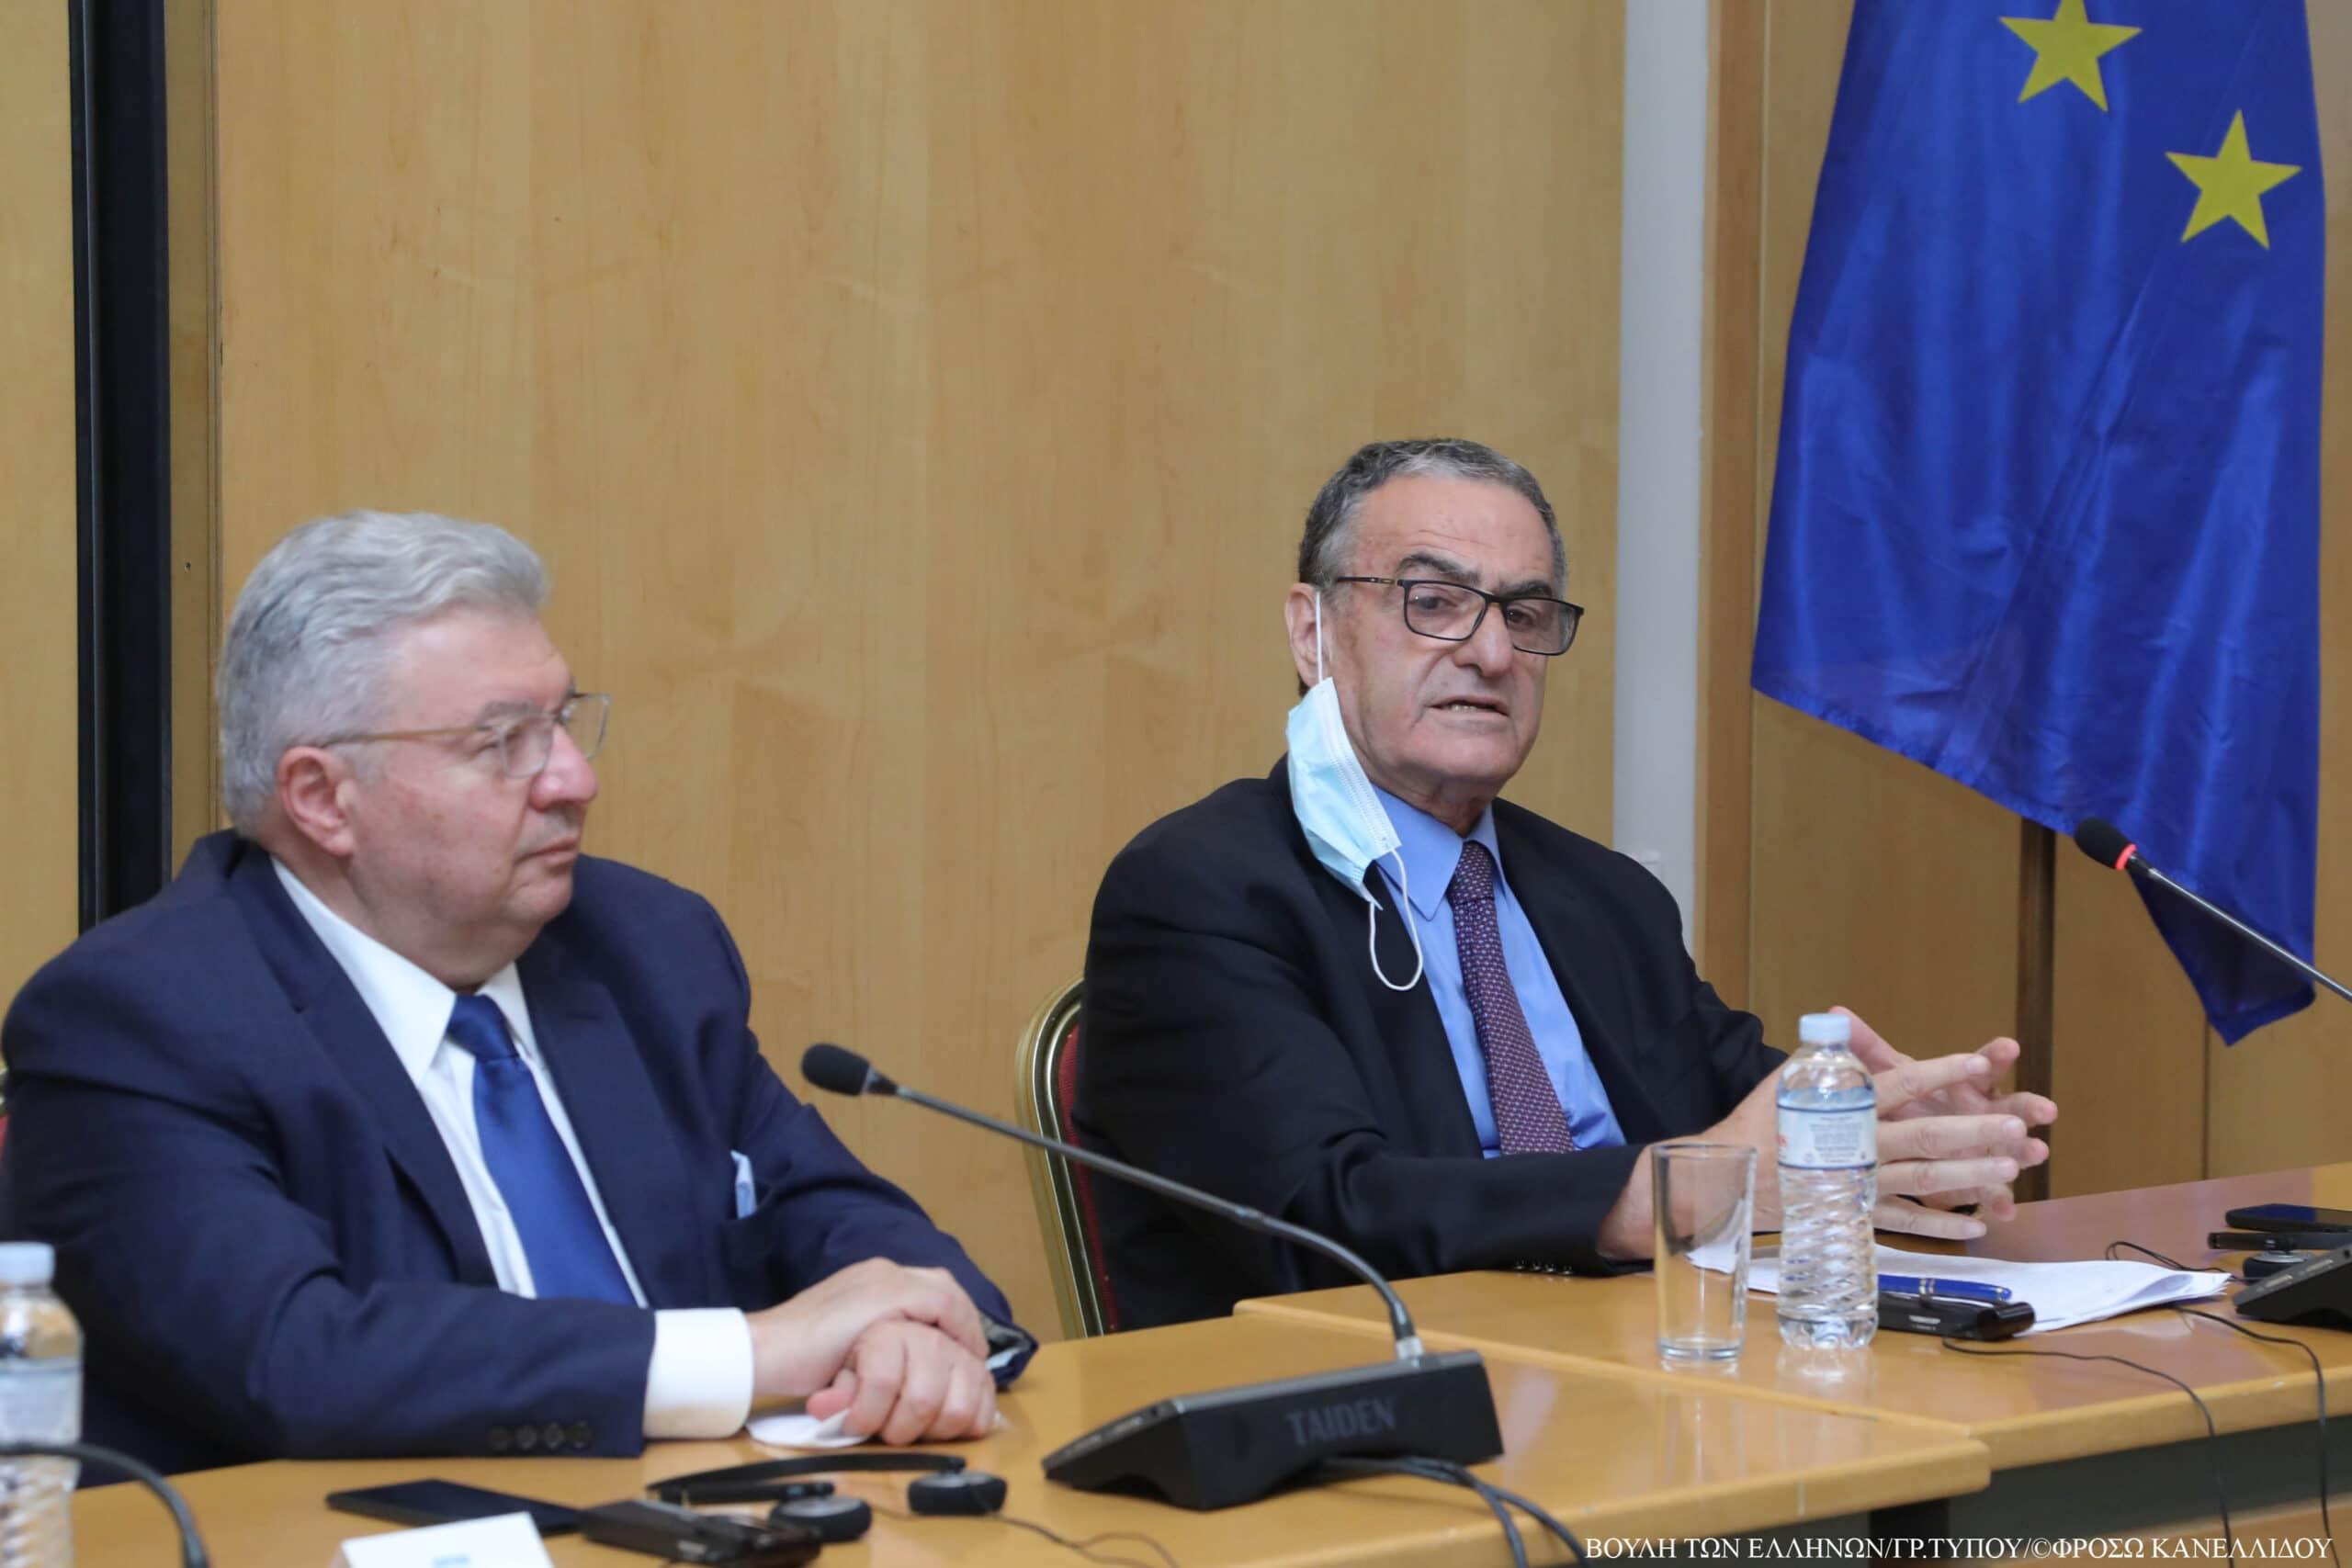 Συνάντηση Αντιπροέδρου Χαρ. Αθανασίου με νεολαίους από τη Διασπορά Ελλάδας-Κύπρου-Αιγύπτου στο πλαίσιο του Προγράμματος ΝΟΣΤΟΣ 4